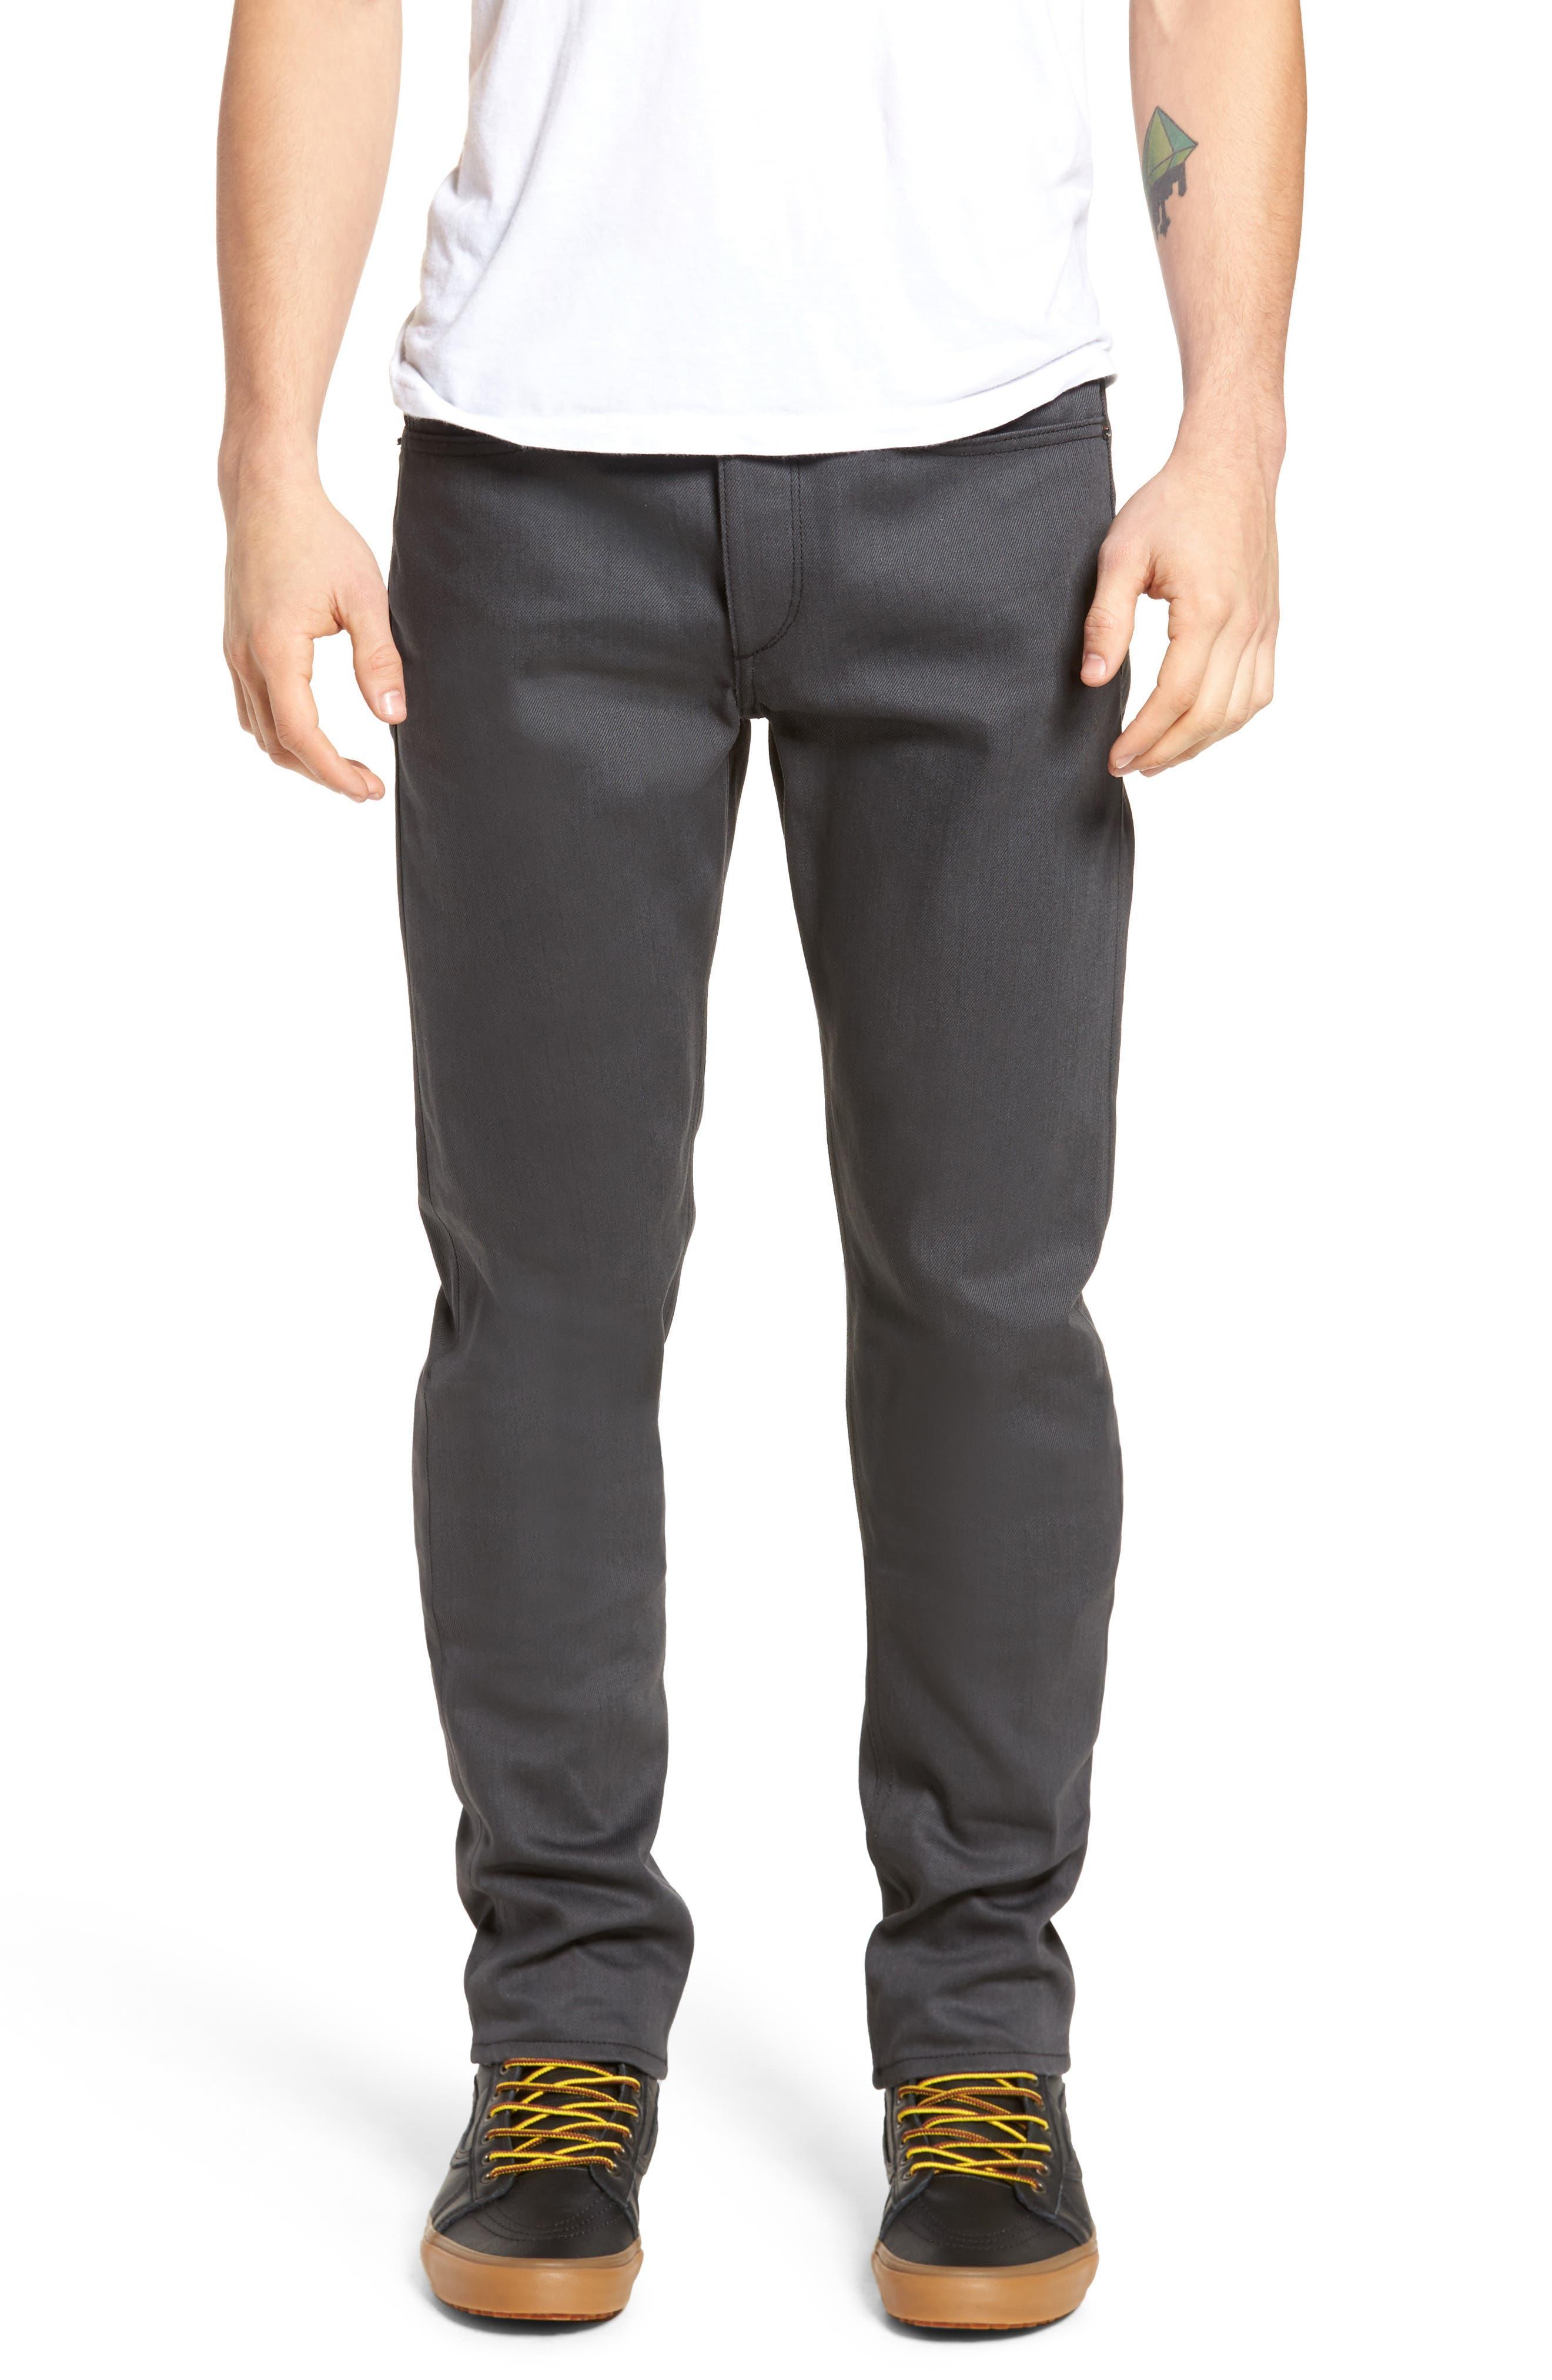 Fit 2 Slim Fit Jeans,                         Main,                         color, 002